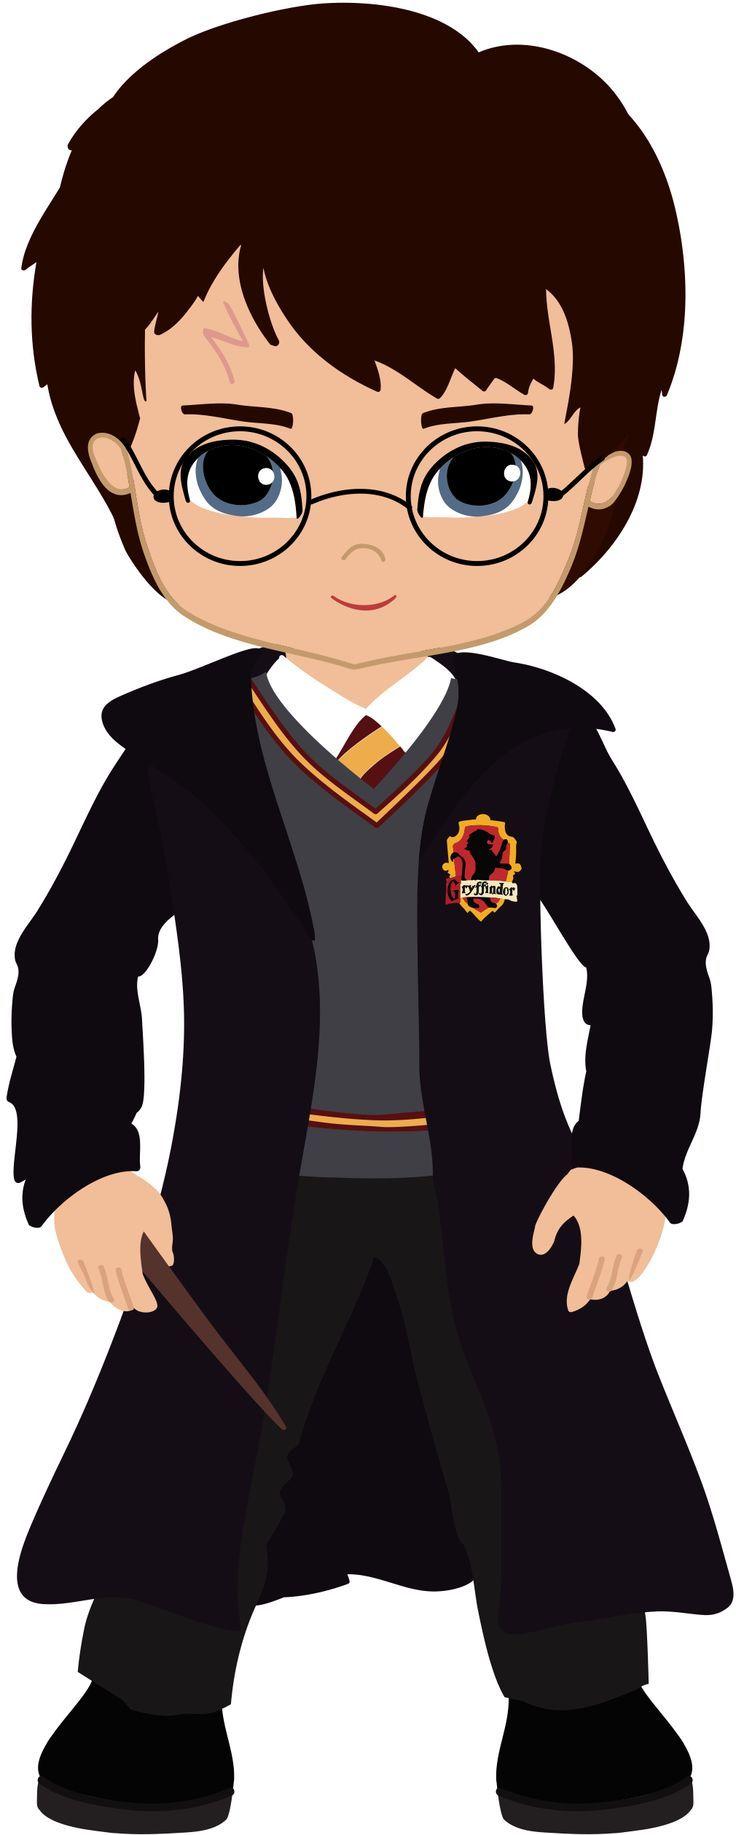 Harry potter clipart images jpg transparent Harry …   clipart in 2019   Harry potter clip art, Harry potter ... jpg transparent